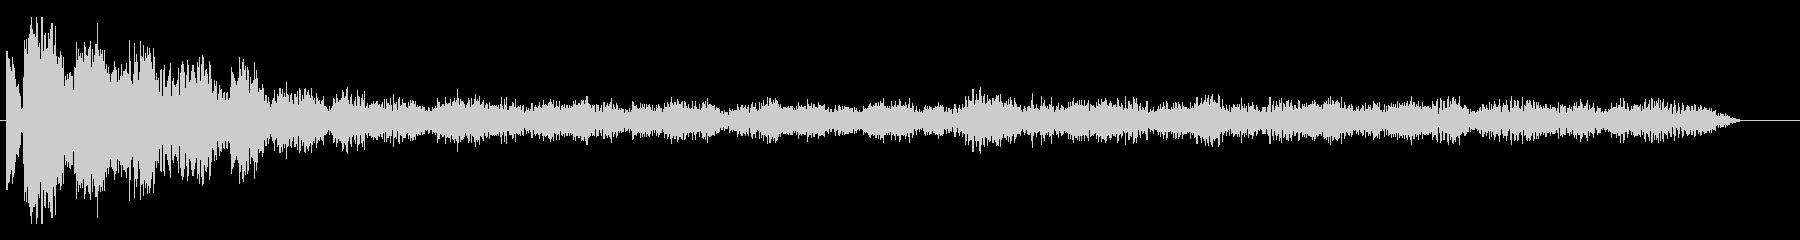 ロゴ、シネマティックヒット、デチュ...の未再生の波形